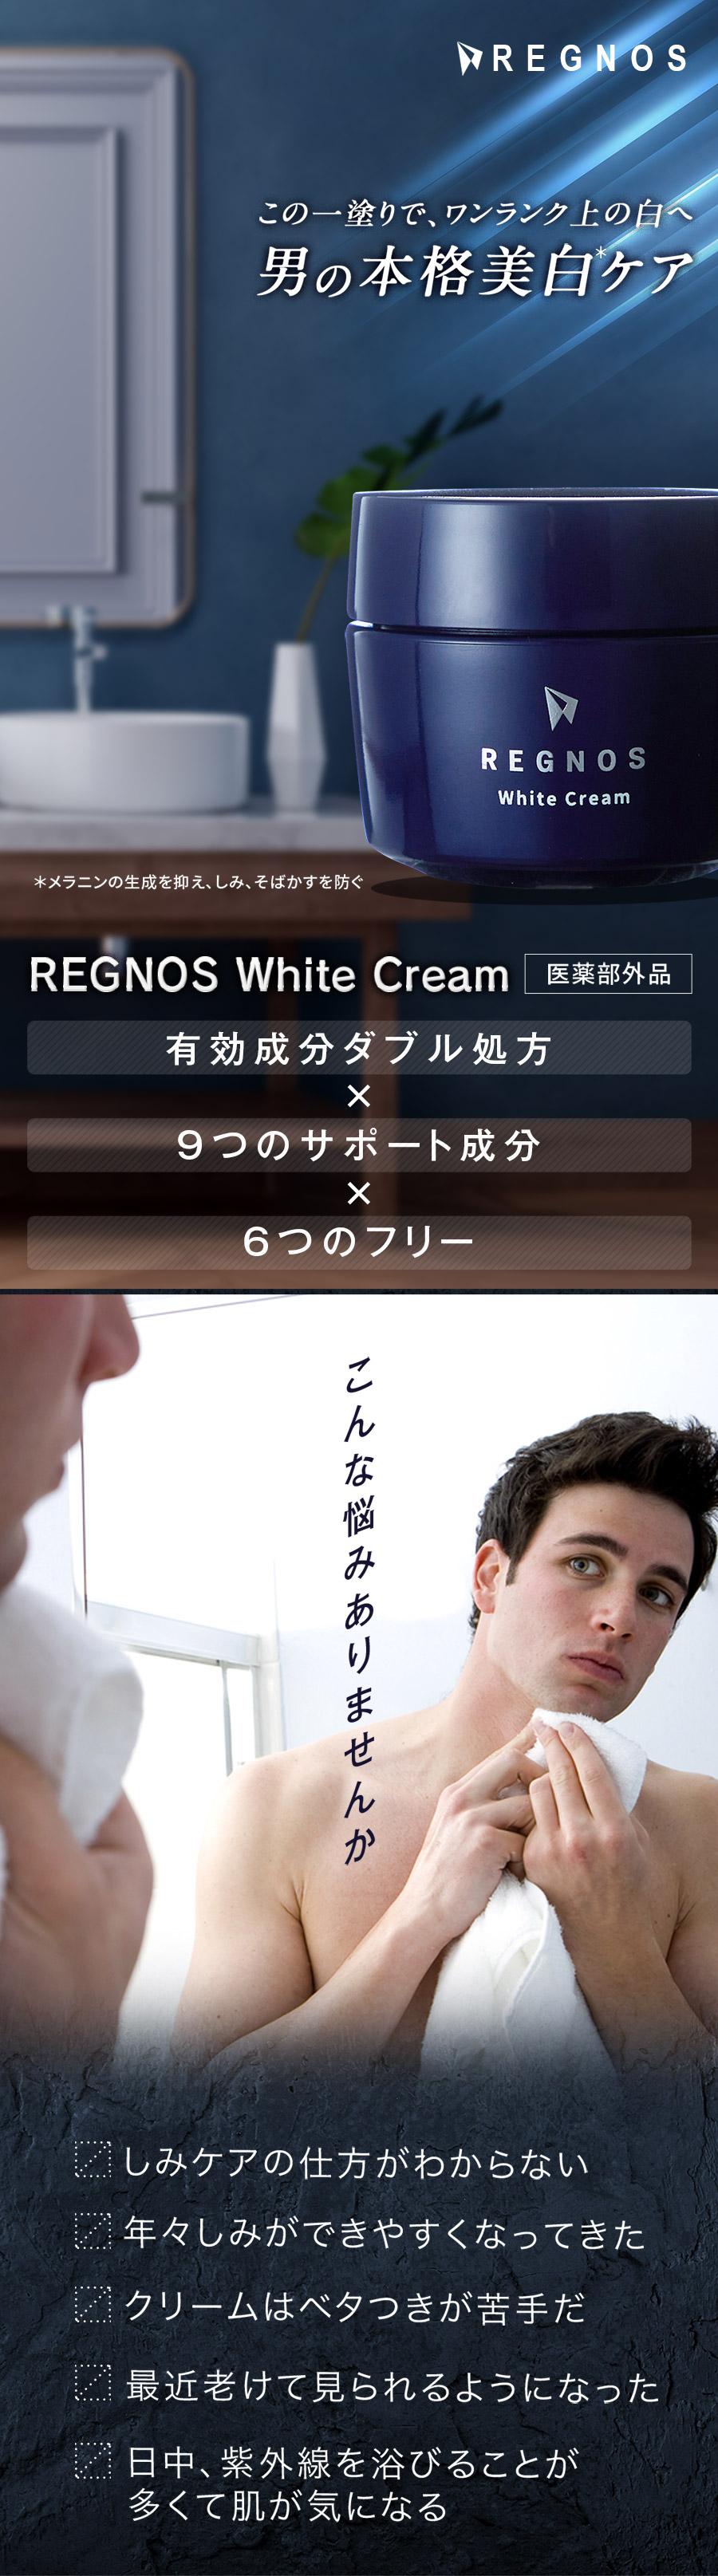 オトす香りSENSE WEAR BERGAMOT